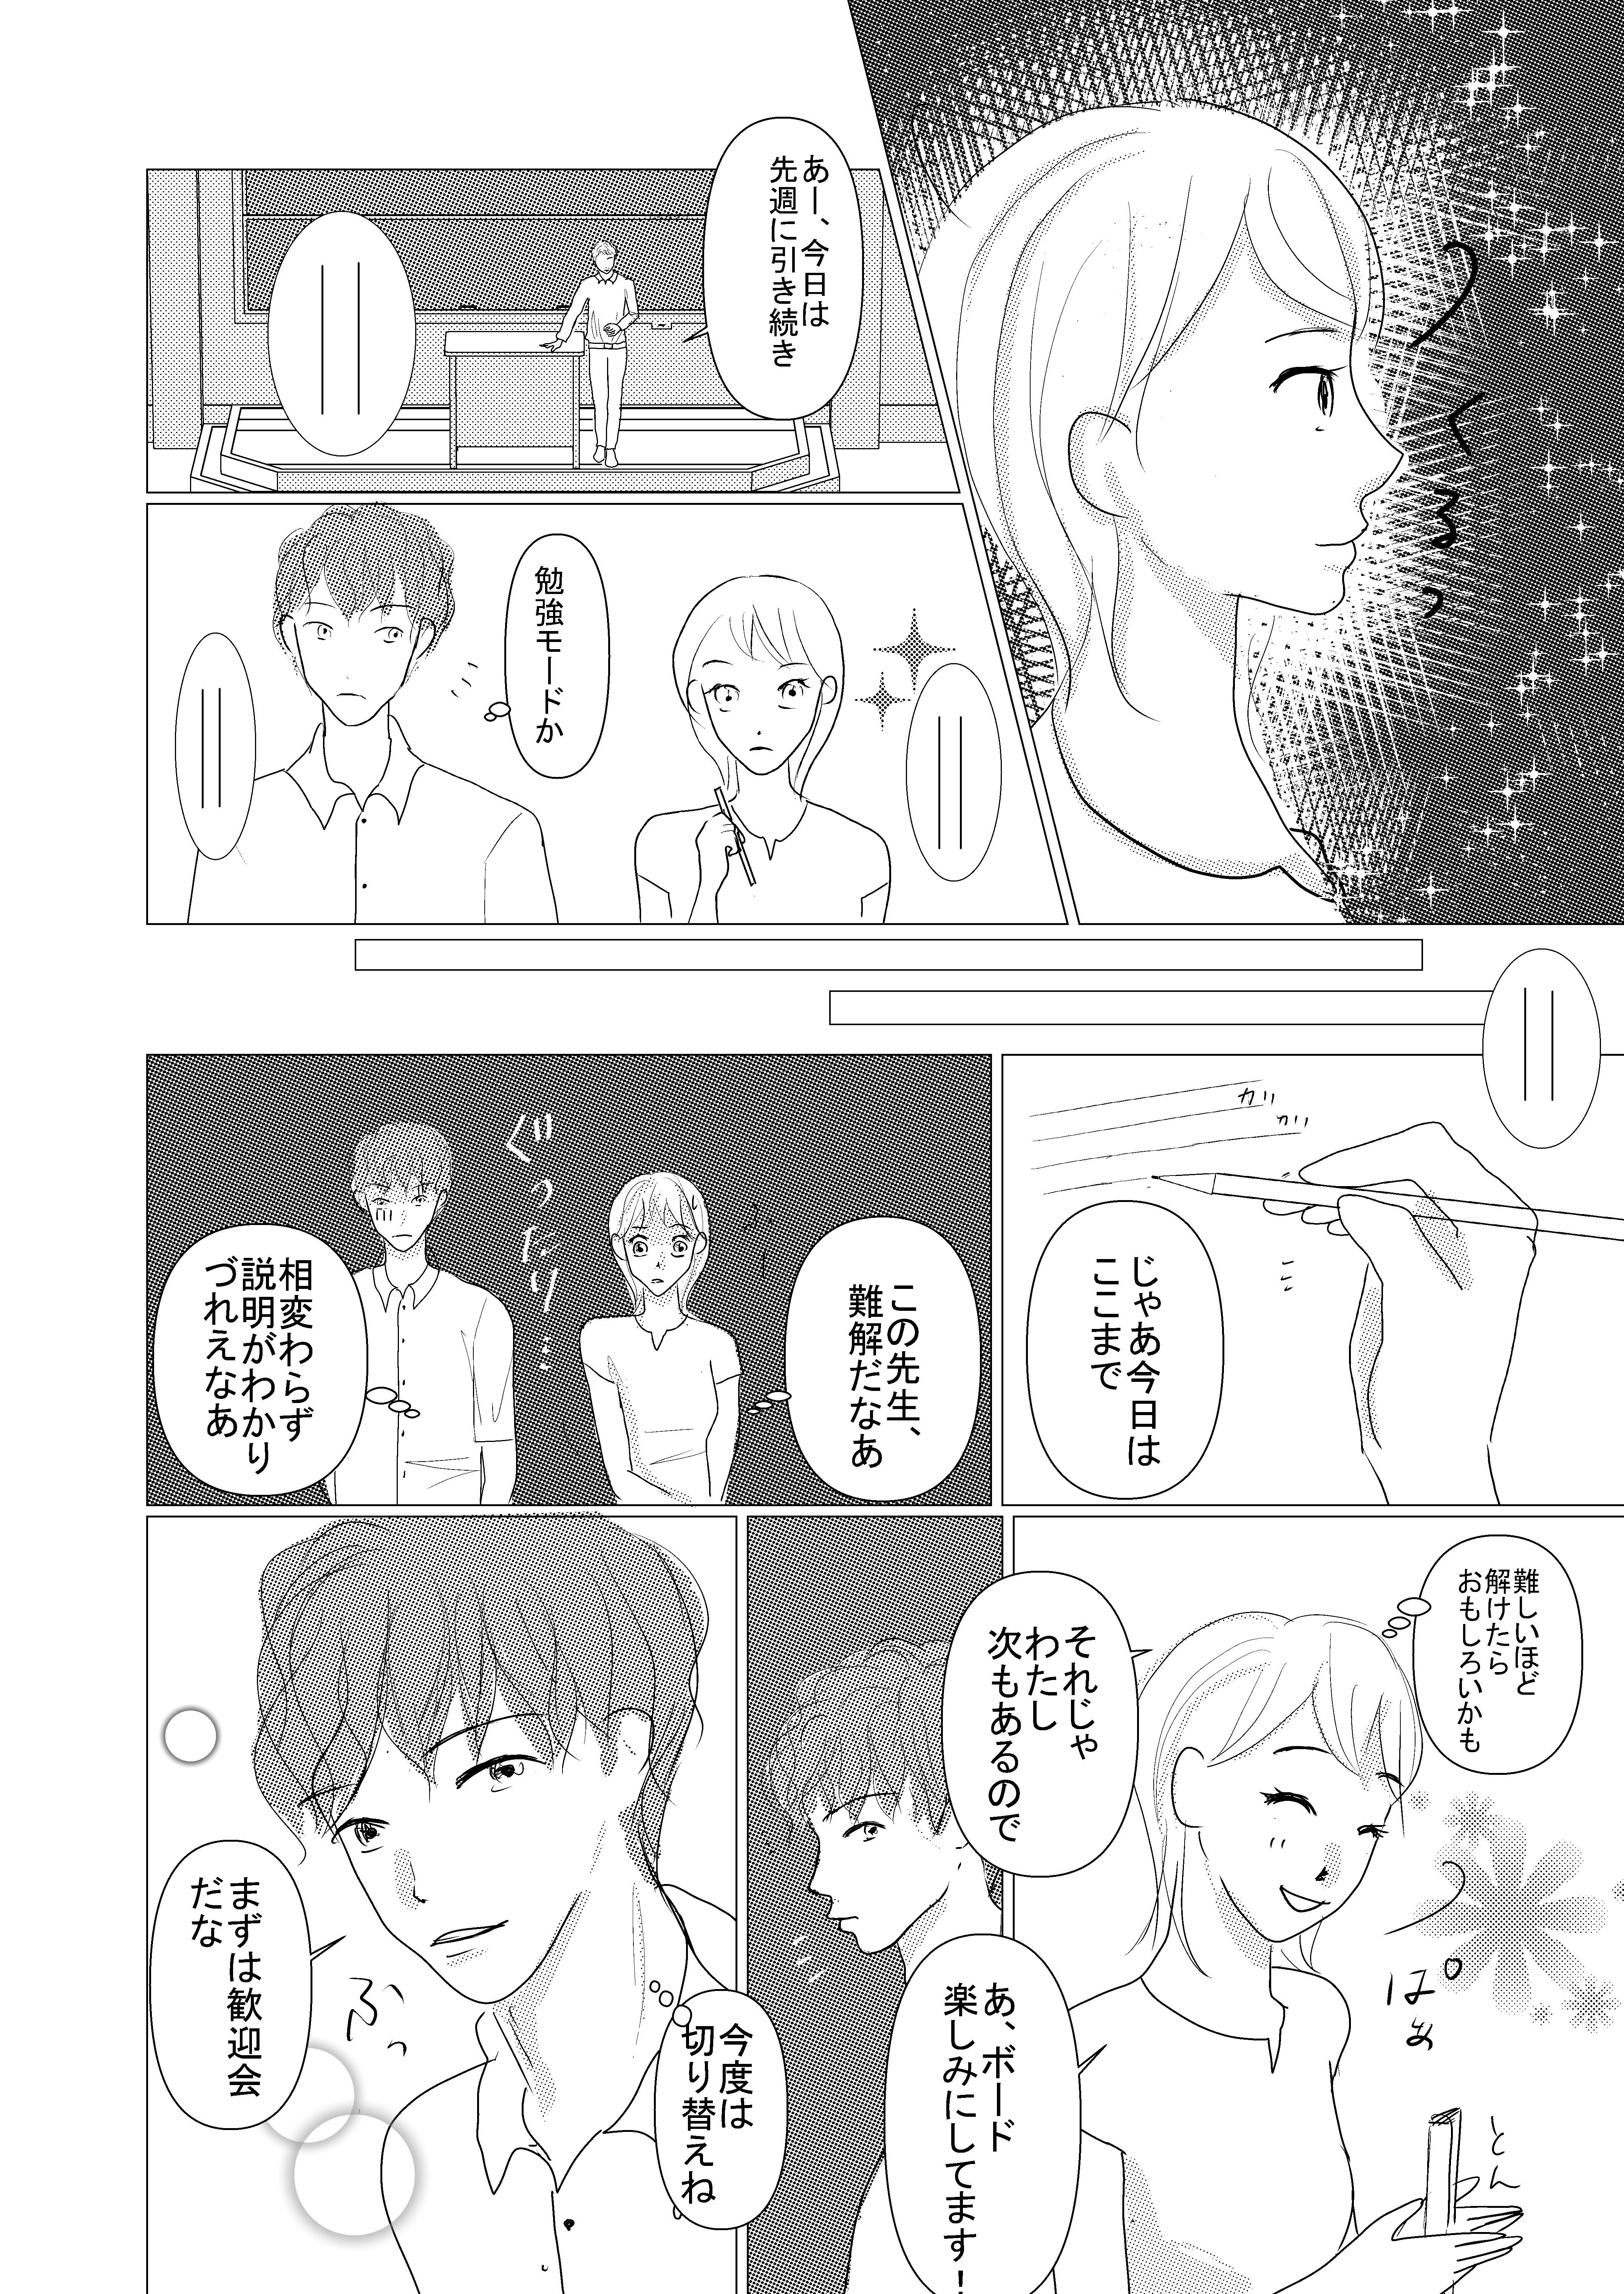 恋愛漫画/イケメン/大学生/社会人/大学生で初めて付き合う/初めての彼氏/shoujyo manga/米加夢/52ページ